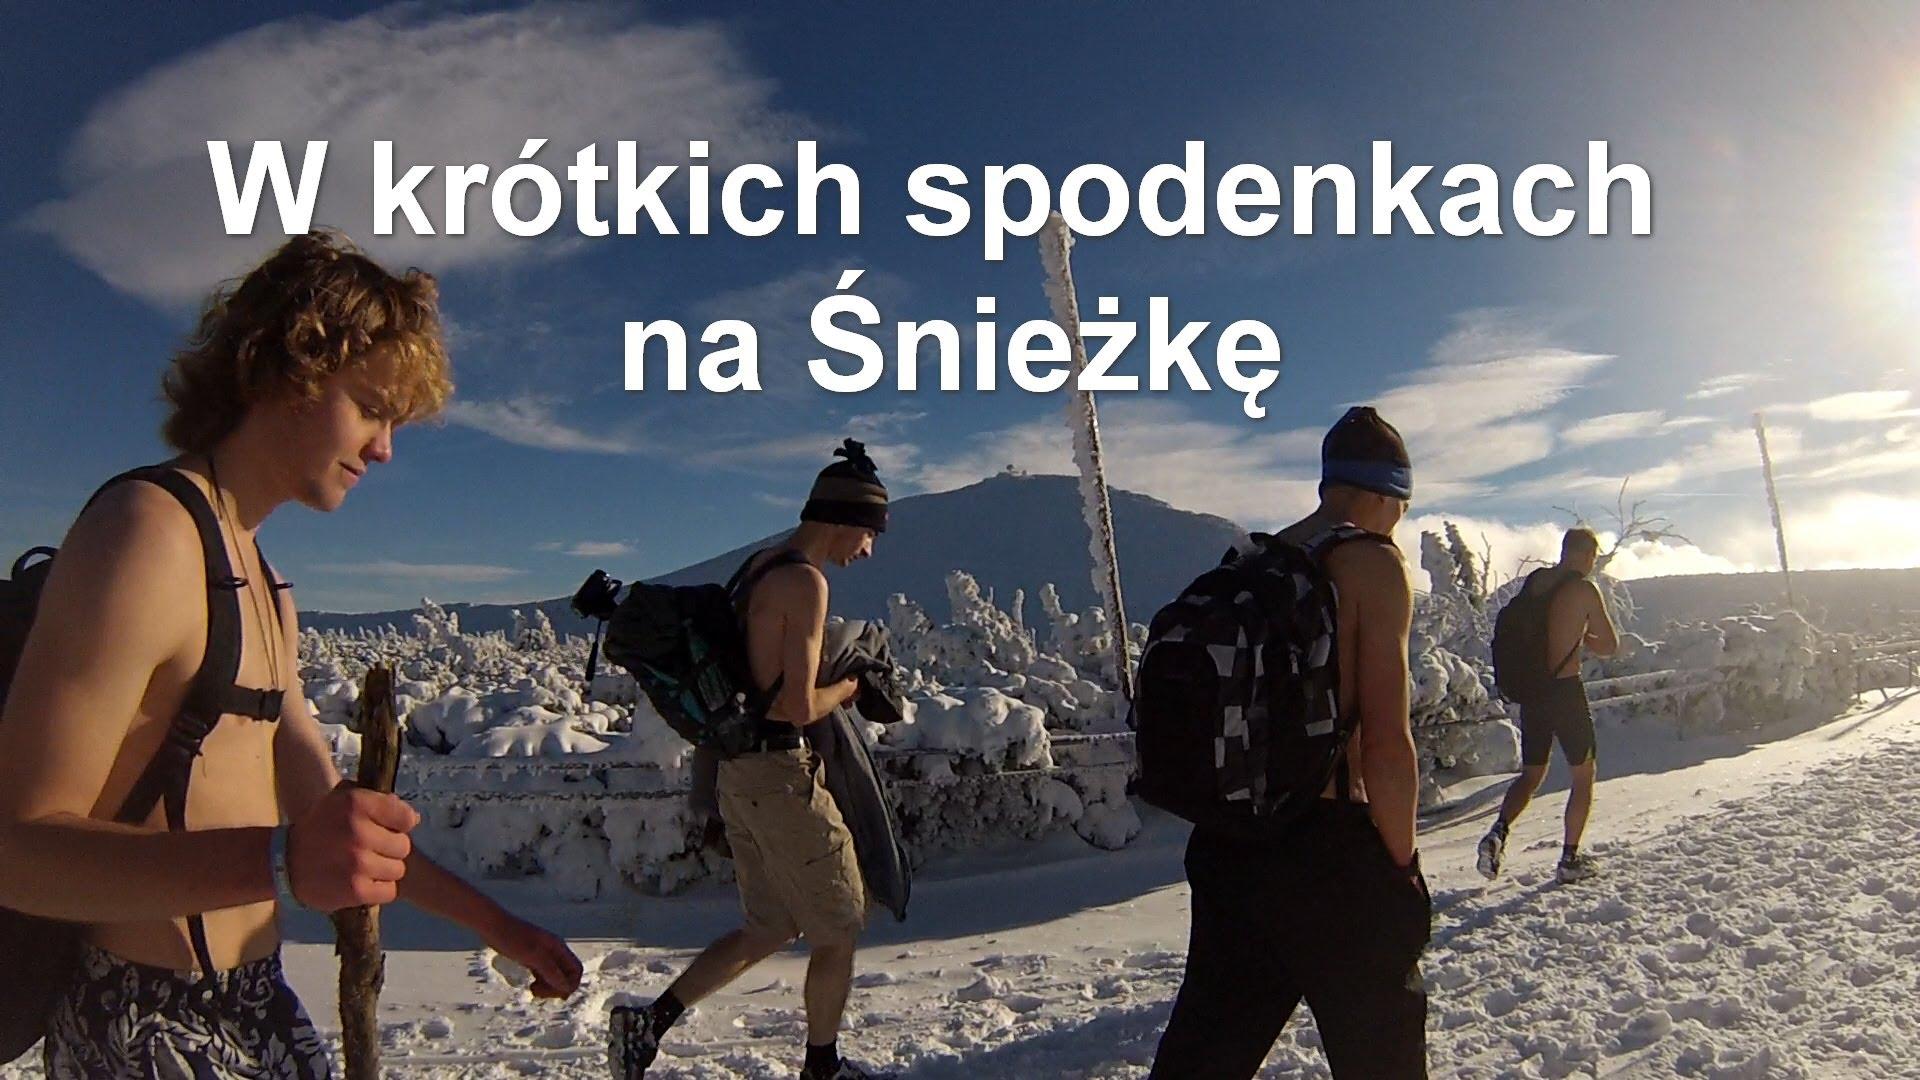 W krótkich spodenkach na Śnieżkę – Wim Hof